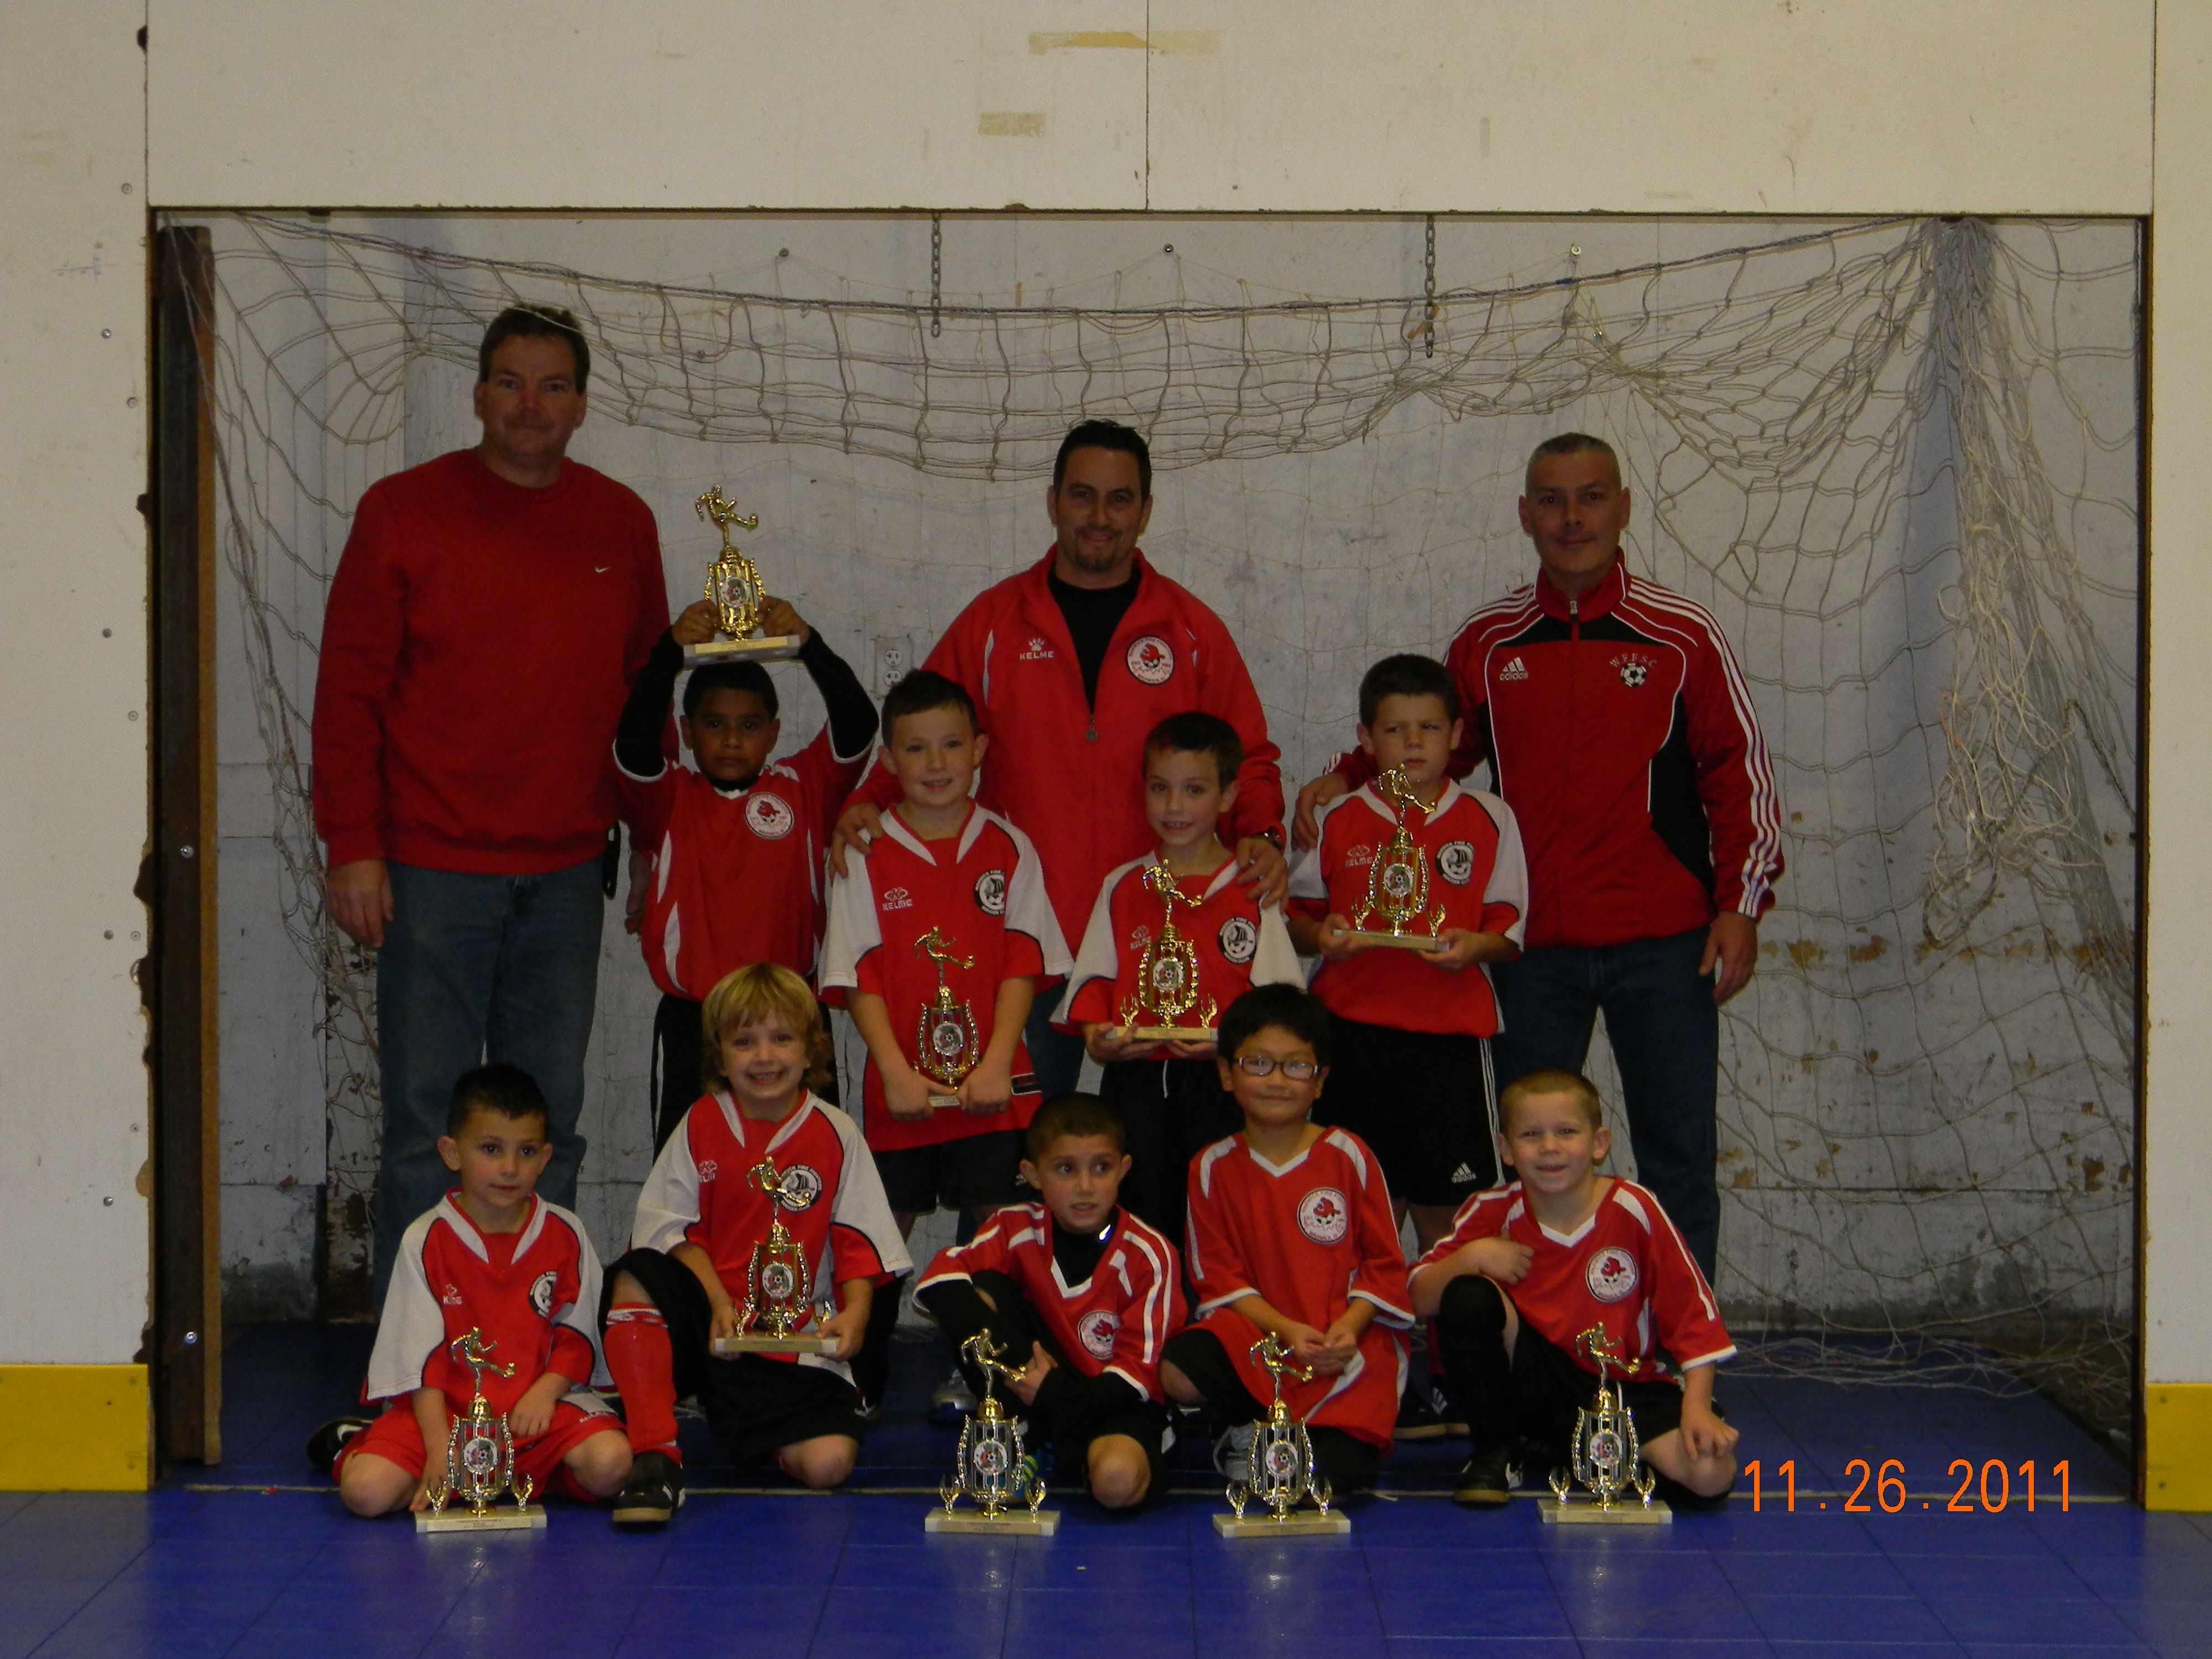 2011 U8 boys